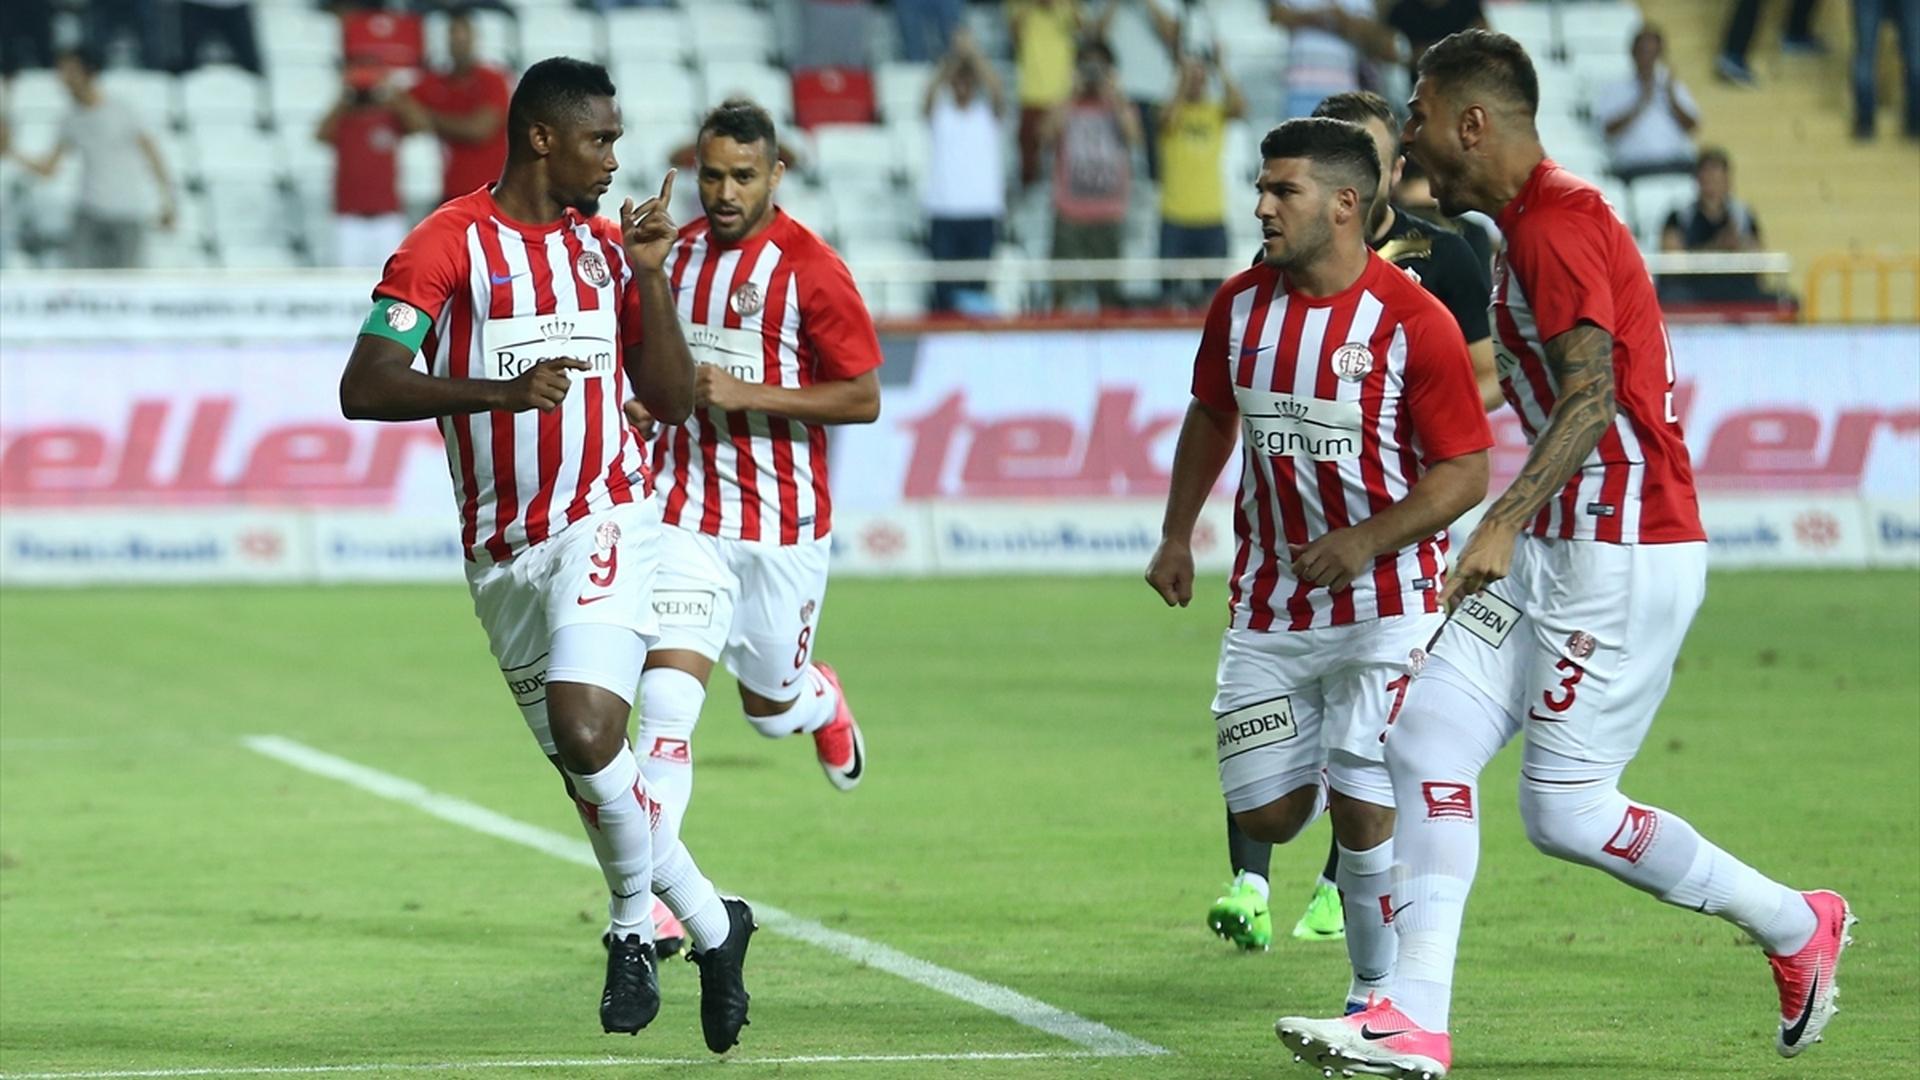 Antalyaspor Vs Goztepe Free Betting Tips Prosoccer Me